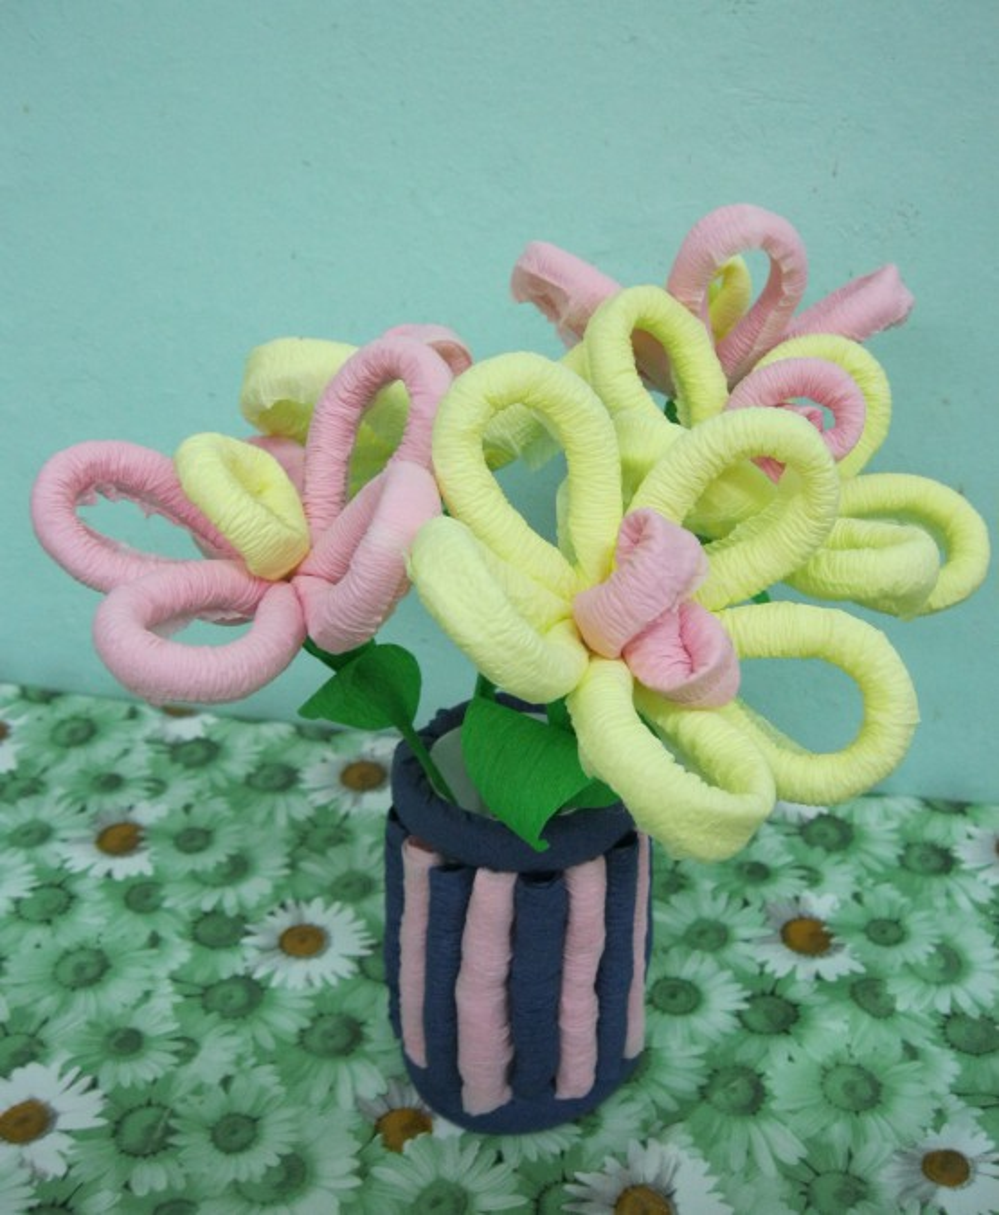 Мастер-класс «Букет из гофротрубочек в подарок маме к 8 Марта»